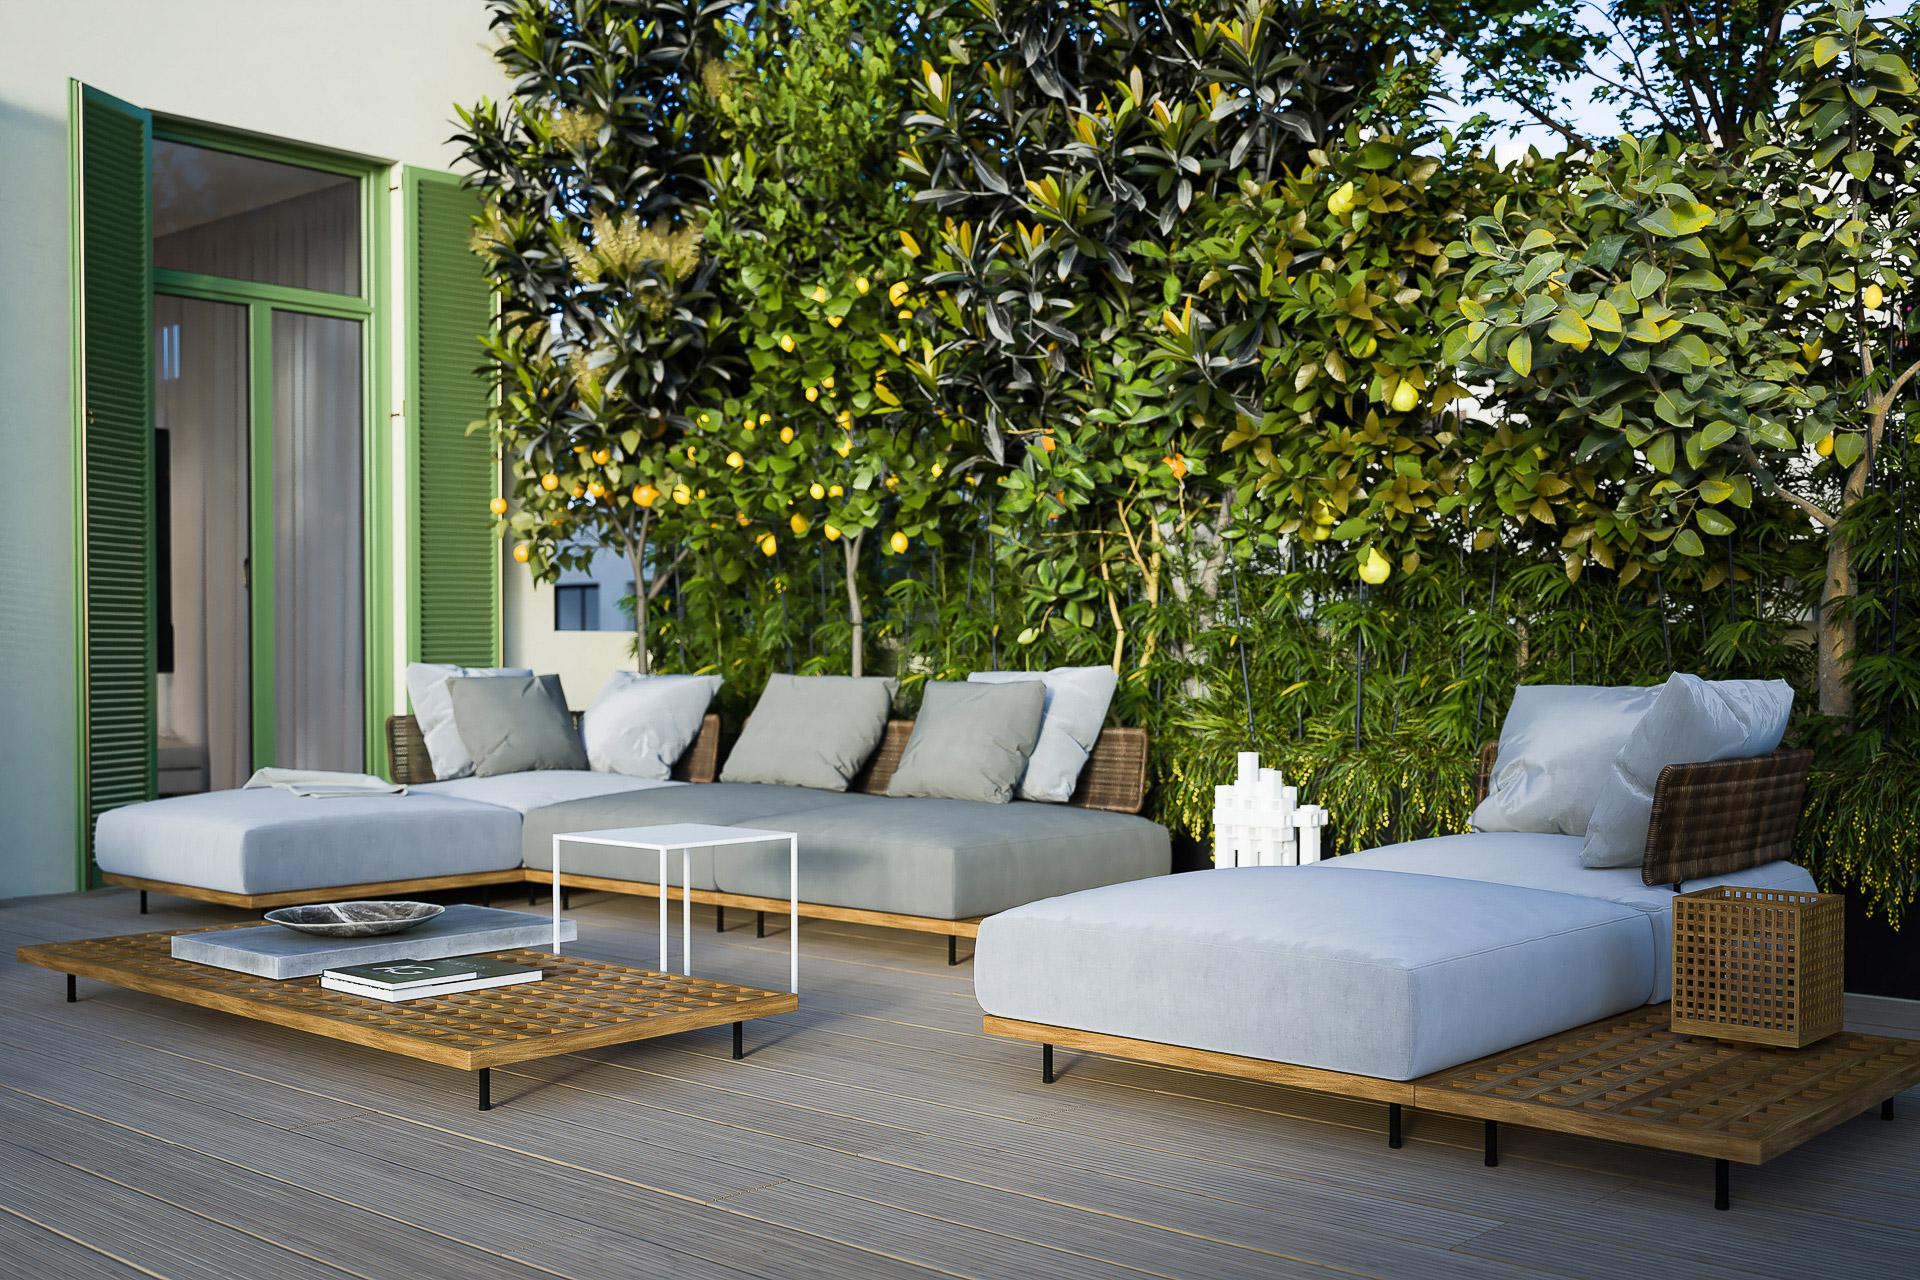 balcony_cam17_01.RGB_color.0000-2